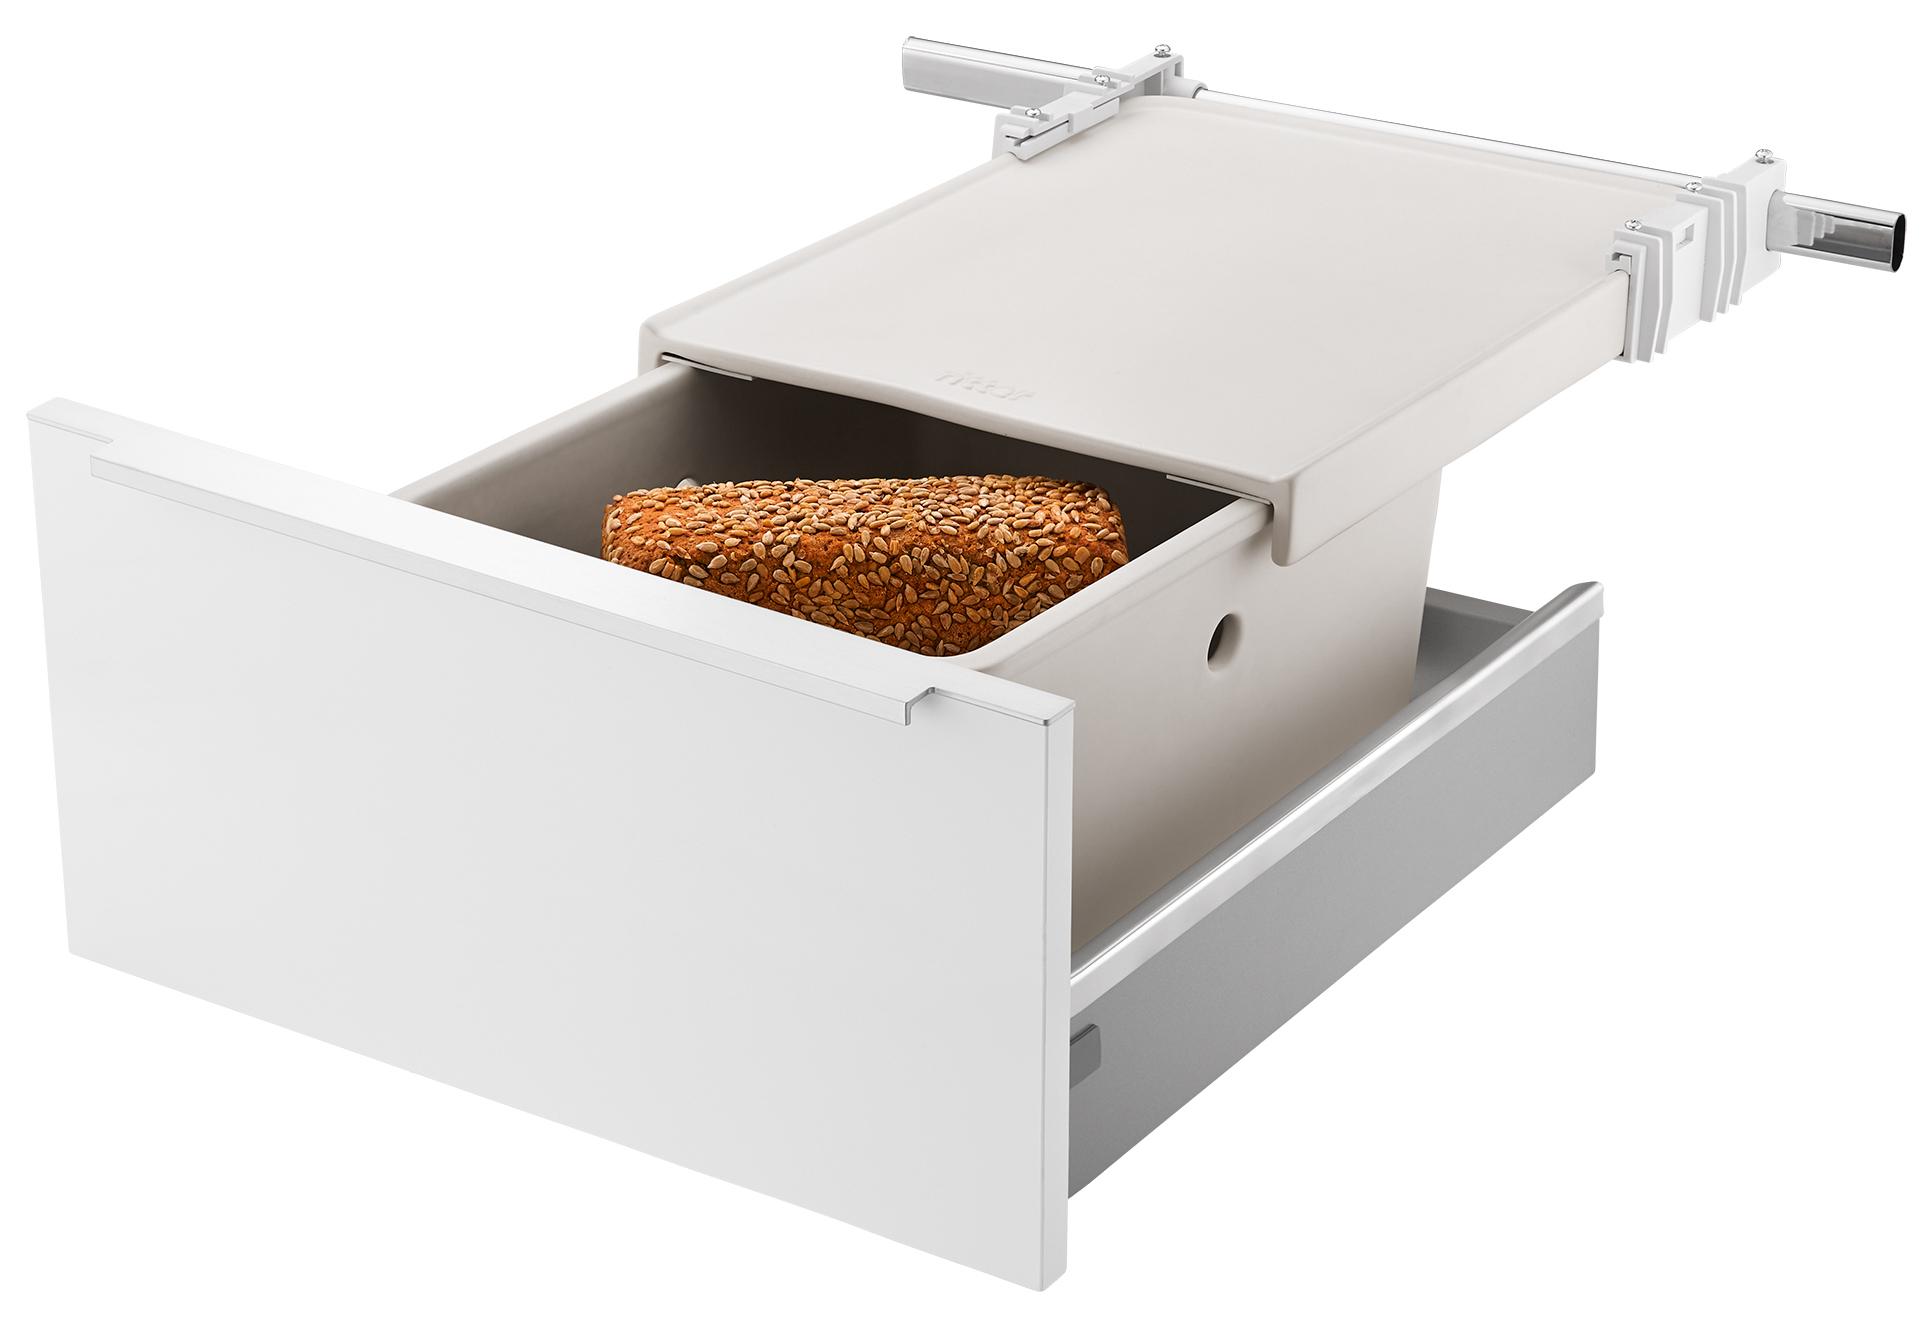 Platzsparer Küche | Vom Allesschneider Bis Zum Brottopf Einbaugerate Als Elegante